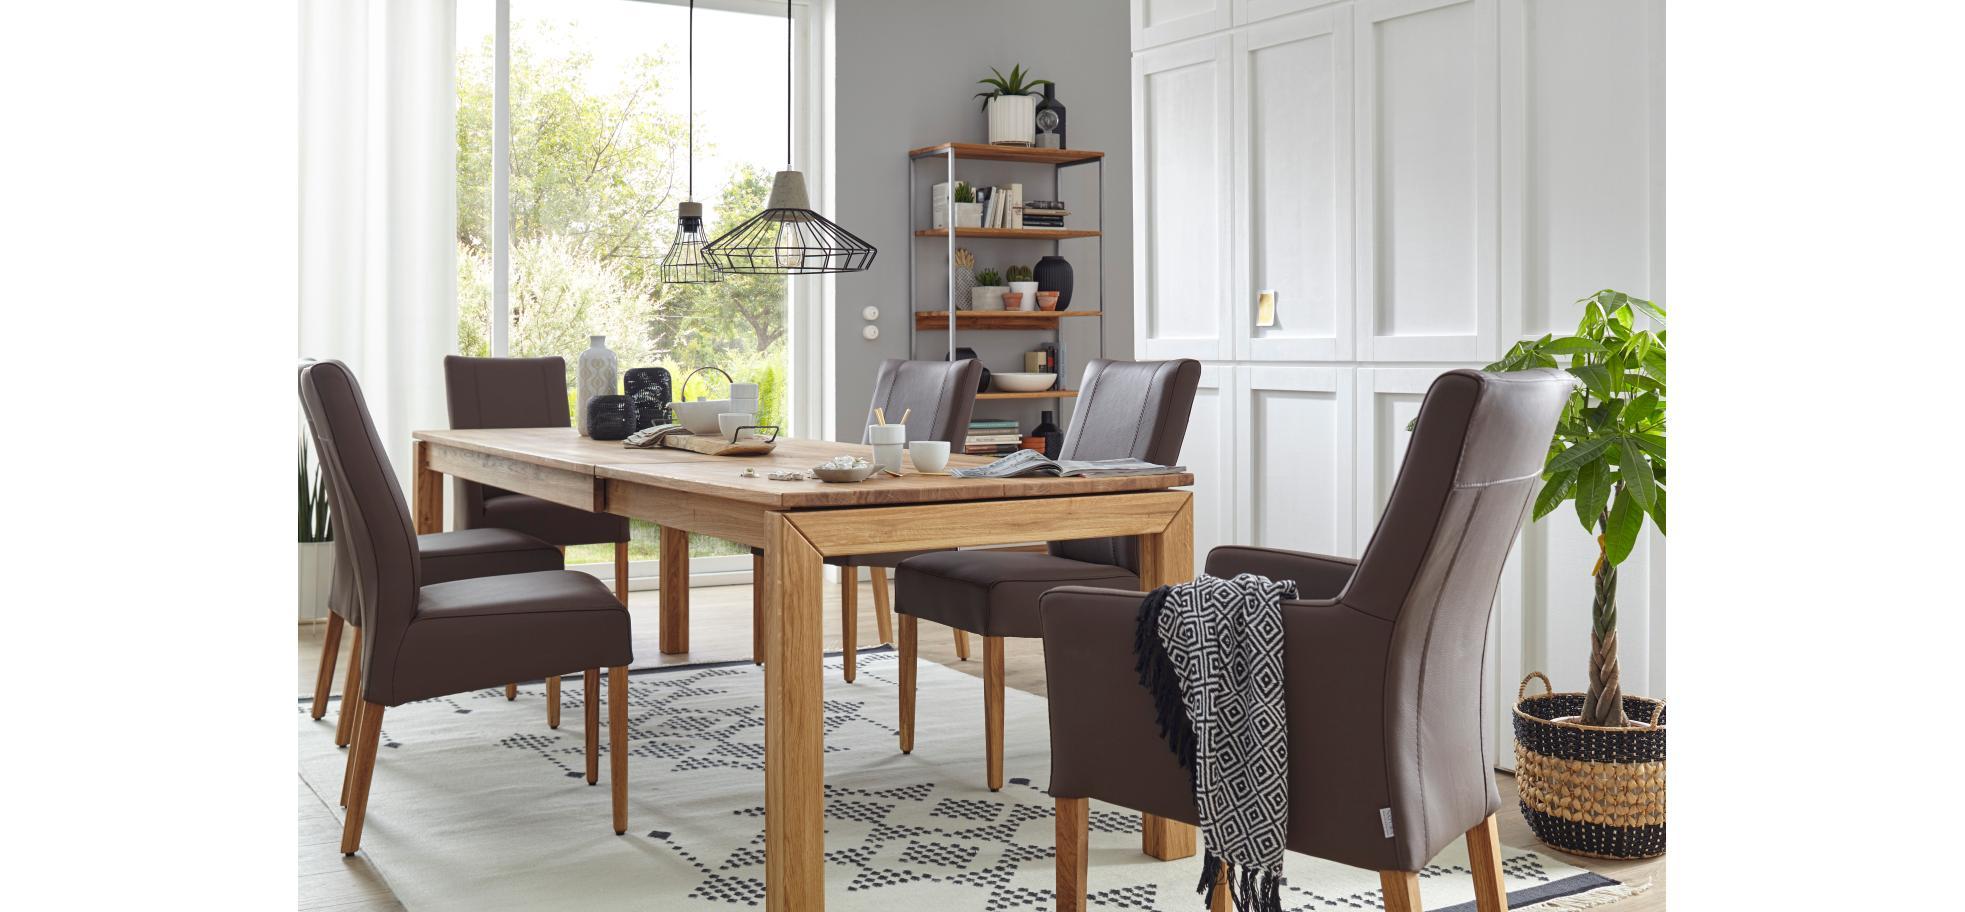 armlehn lederstuhl in espresso und f en in eiche ge lt natura utah m belhaus pohl. Black Bedroom Furniture Sets. Home Design Ideas